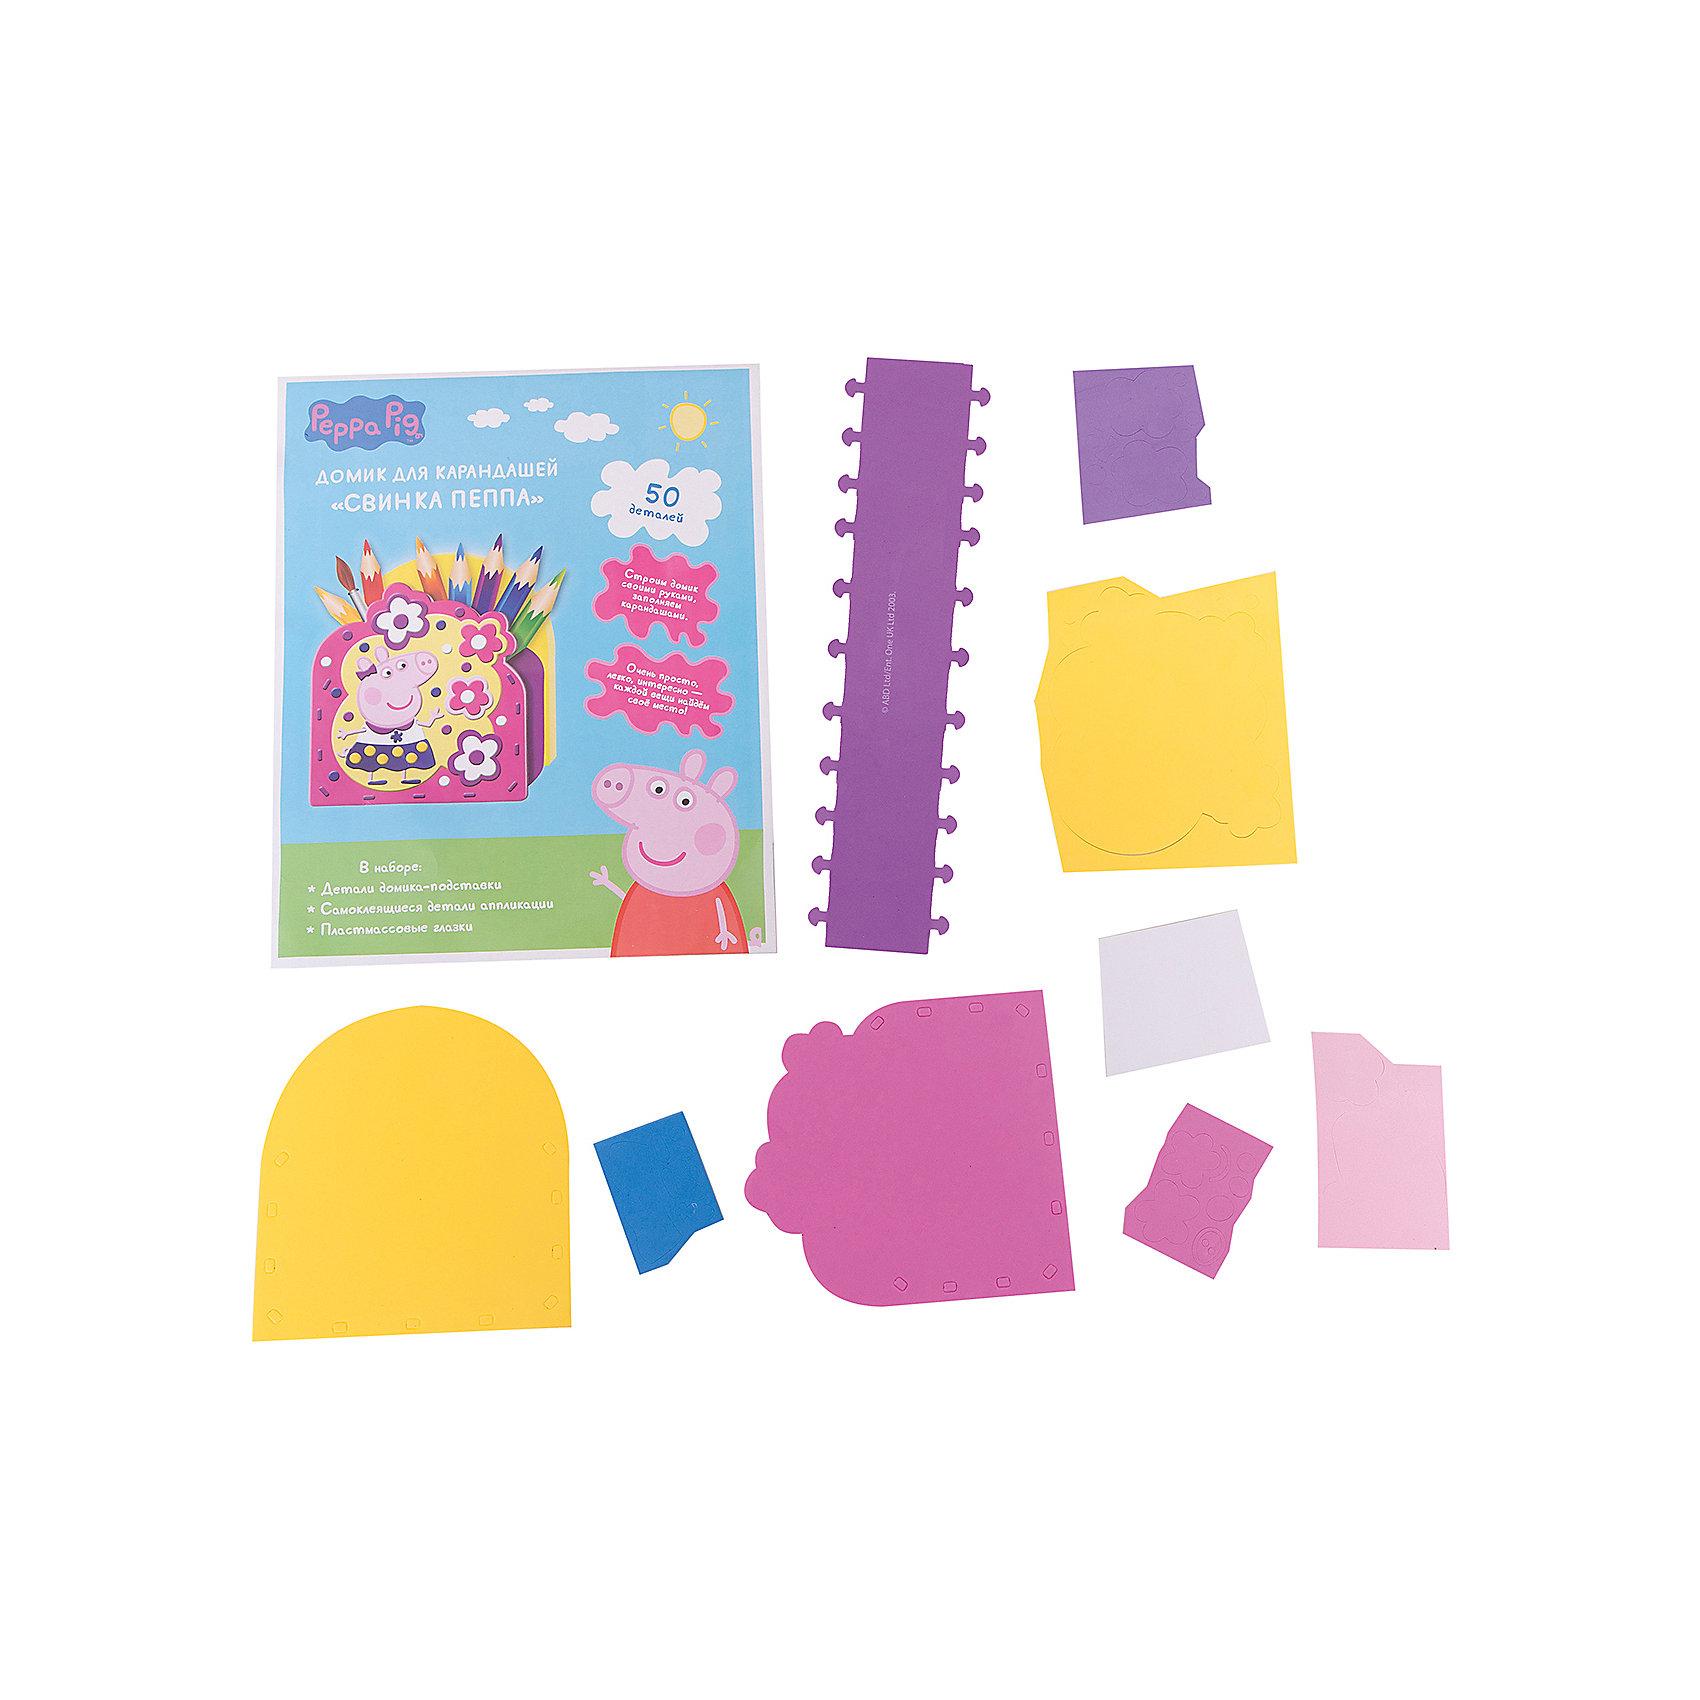 Домик для карандашей Свинка ПеппаПриучите своего ребенка к чистоте и порядку в легкой игровой форме! С этим набором малыш создаст сказочный домик для карандашей - без клея и ножниц! Для этого вставьте боковины в переднюю и заднюю части, закрепите дно. Рассмотрите картинку на упаковке, инструкцию и детали аппликации; определите, какие из них будут в нижнем слое. Снимая с элементов защитный слой, приклеивайте их слоями, и у вас получится очаровательный сказочный домик для карандашей. Во время этой творческой работы позвольте малышу самому выбирать детали, спрашивайте, какого они цвета, большие или маленькие, хвалите кроху. Это полезное занятие развивает у ребенка моторику, координацию мелких движений, восприятие цвета и формы, тактильное восприятие и другое.&#13;<br>В наборе для создания домика для карандашей Свинка Пеппа ТМ Свинка Пеппа 50 деталей: детали домика-подставки, самоклеящиеся детали из мягкого материала ЭВА, пластиковые вращающиеся глазки с клеевым слоем. Товар сертифицирован. Срок годности: 5 лет.<br><br>Ширина мм: 300<br>Глубина мм: 240<br>Высота мм: 8<br>Вес г: 60<br>Возраст от месяцев: 36<br>Возраст до месяцев: 84<br>Пол: Унисекс<br>Возраст: Детский<br>SKU: 5016343